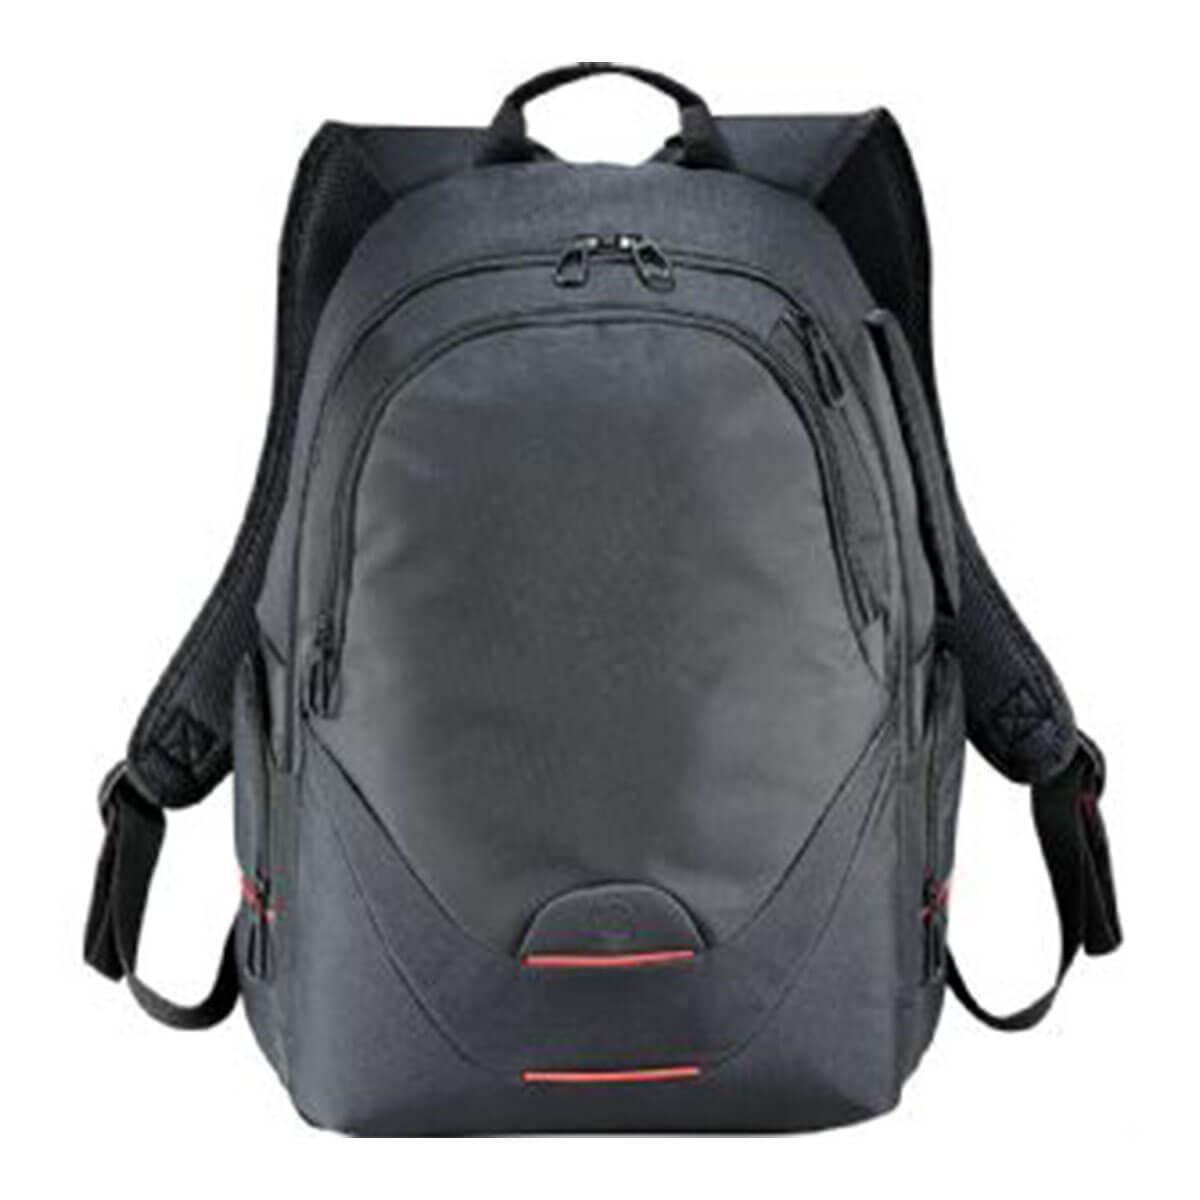 Elleven Motion Compu Backpack-Black